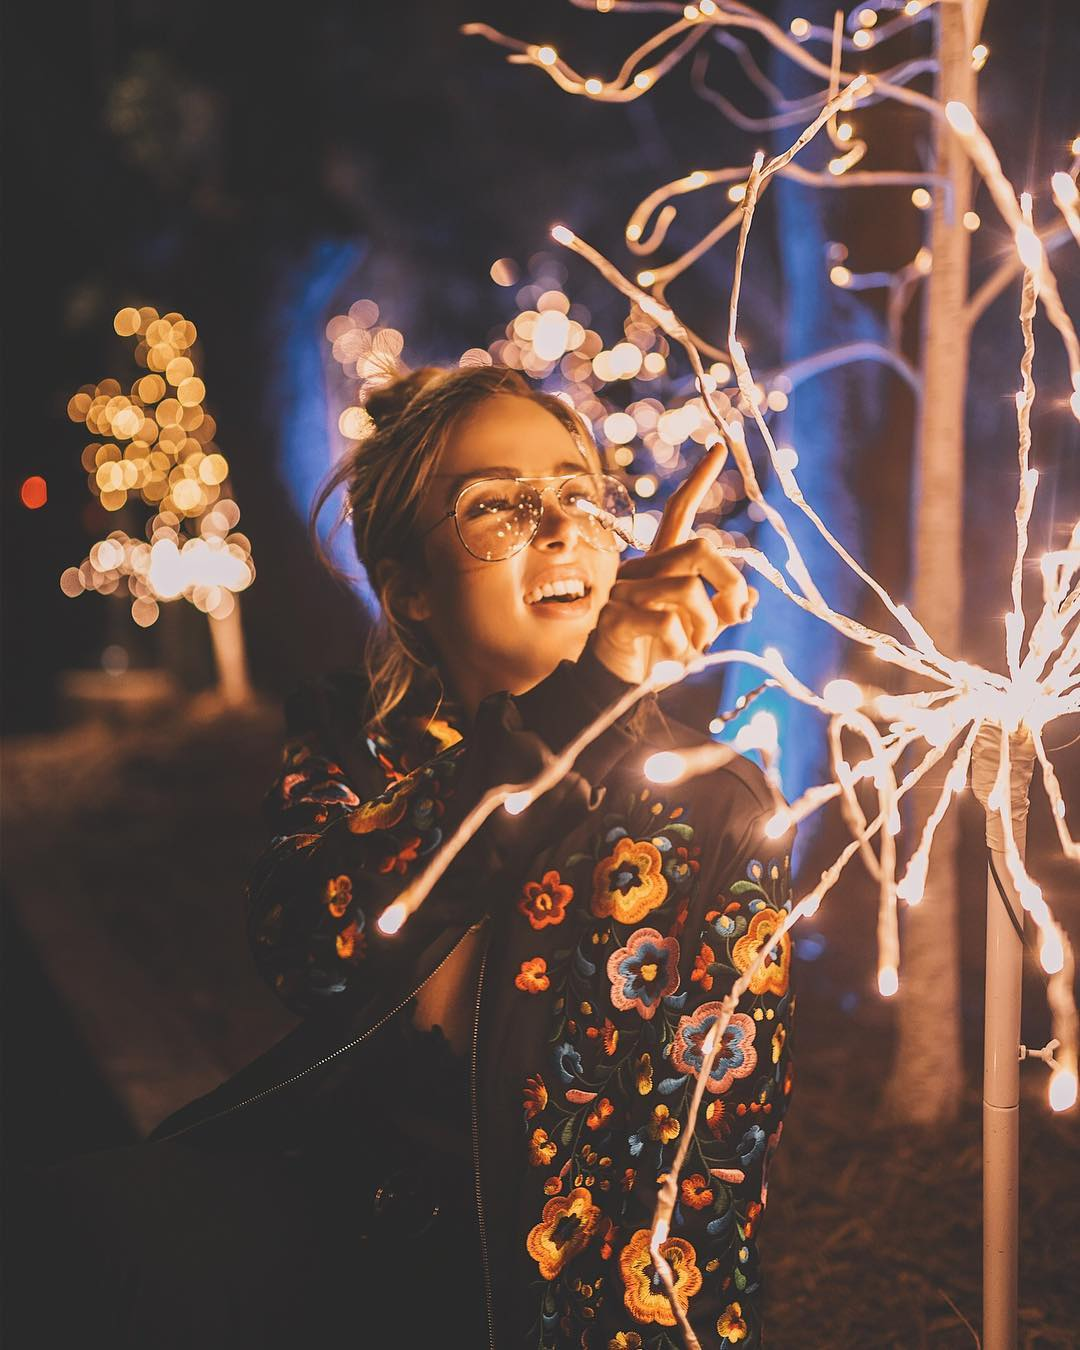 Красивая портретная фотография в неоновых огнях